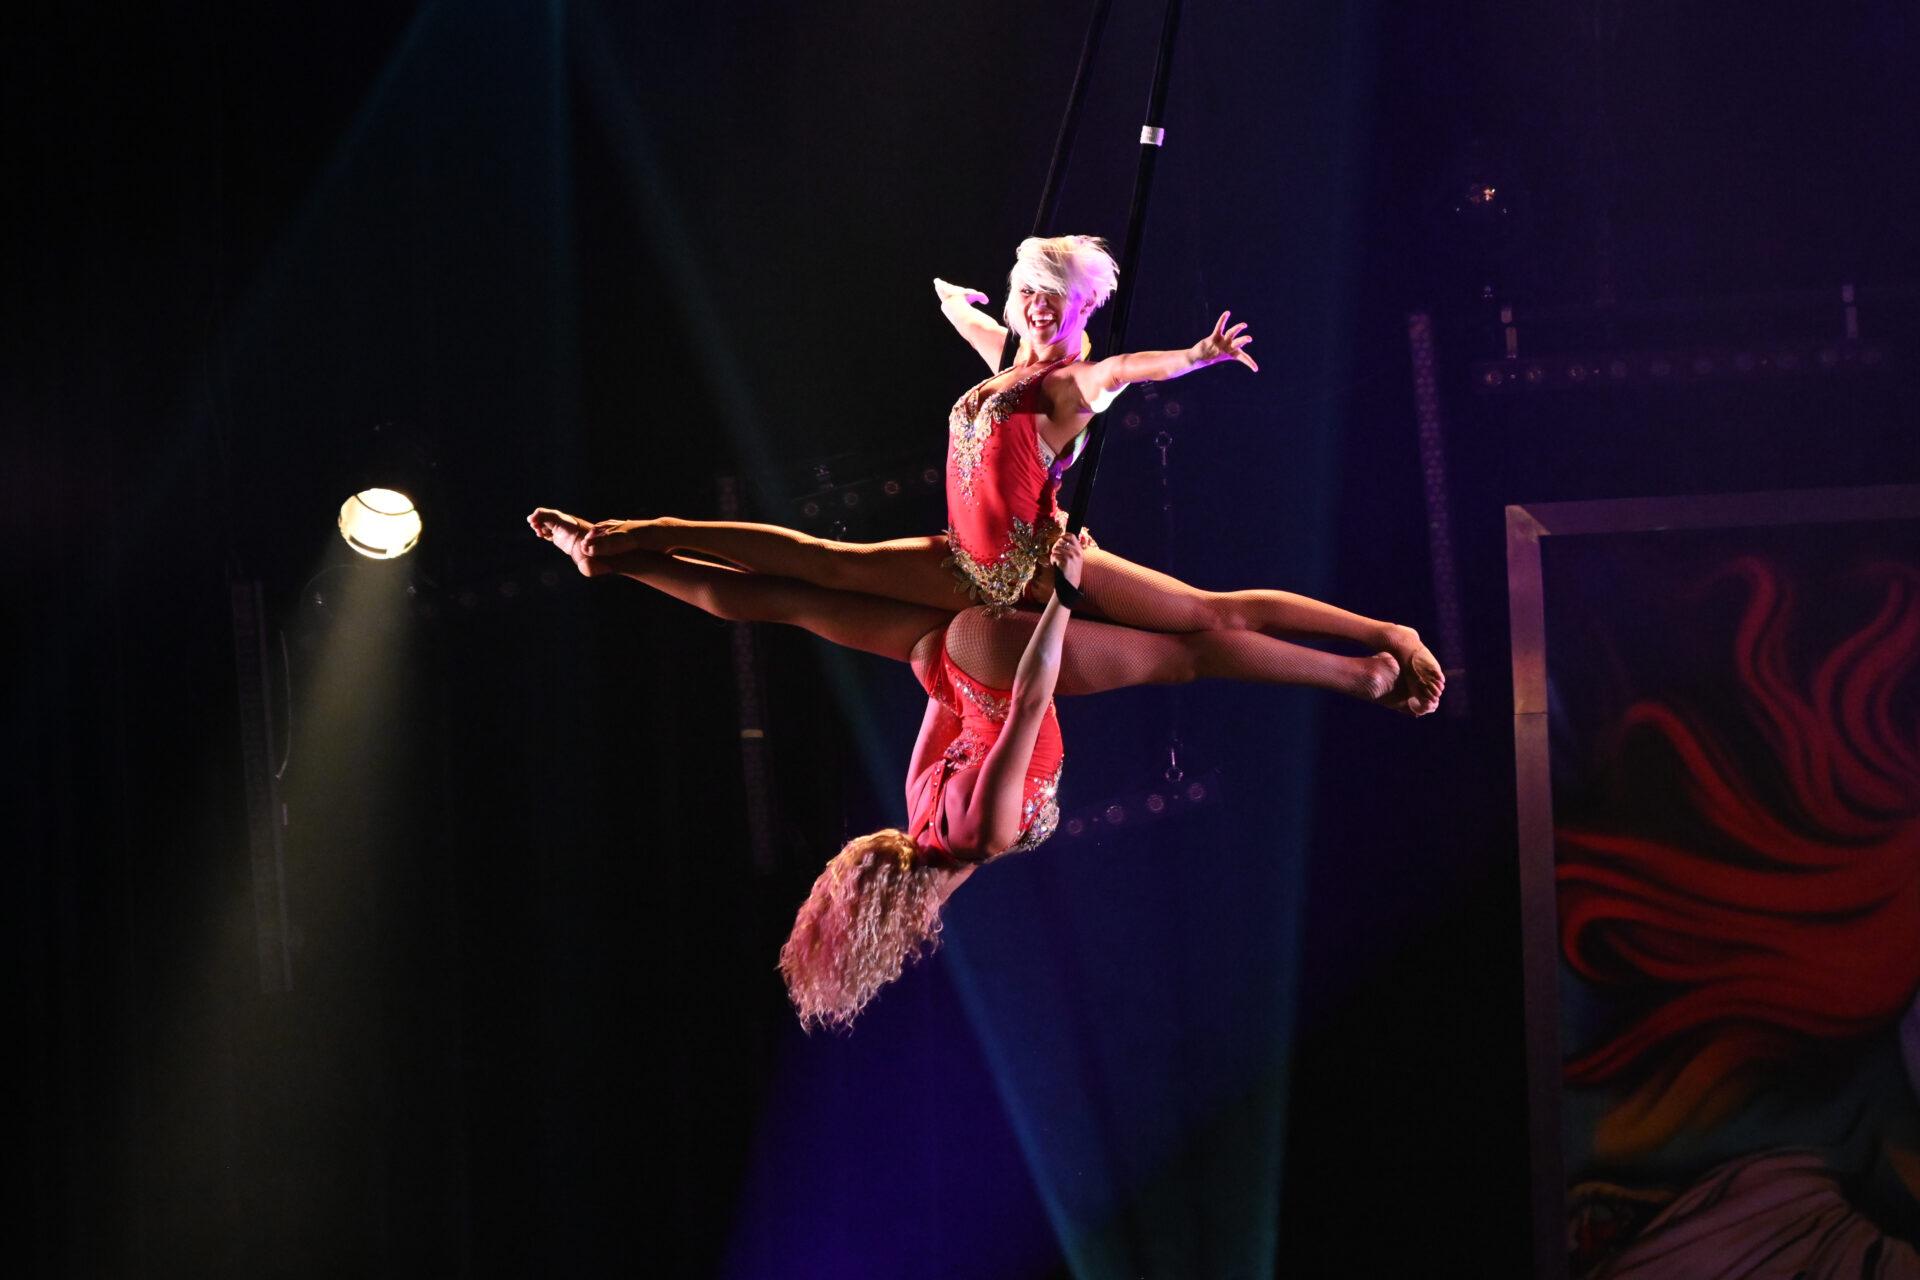 Circus – Festival der Artisten, Die neue Show im GOP Bonn ab dem 15. September